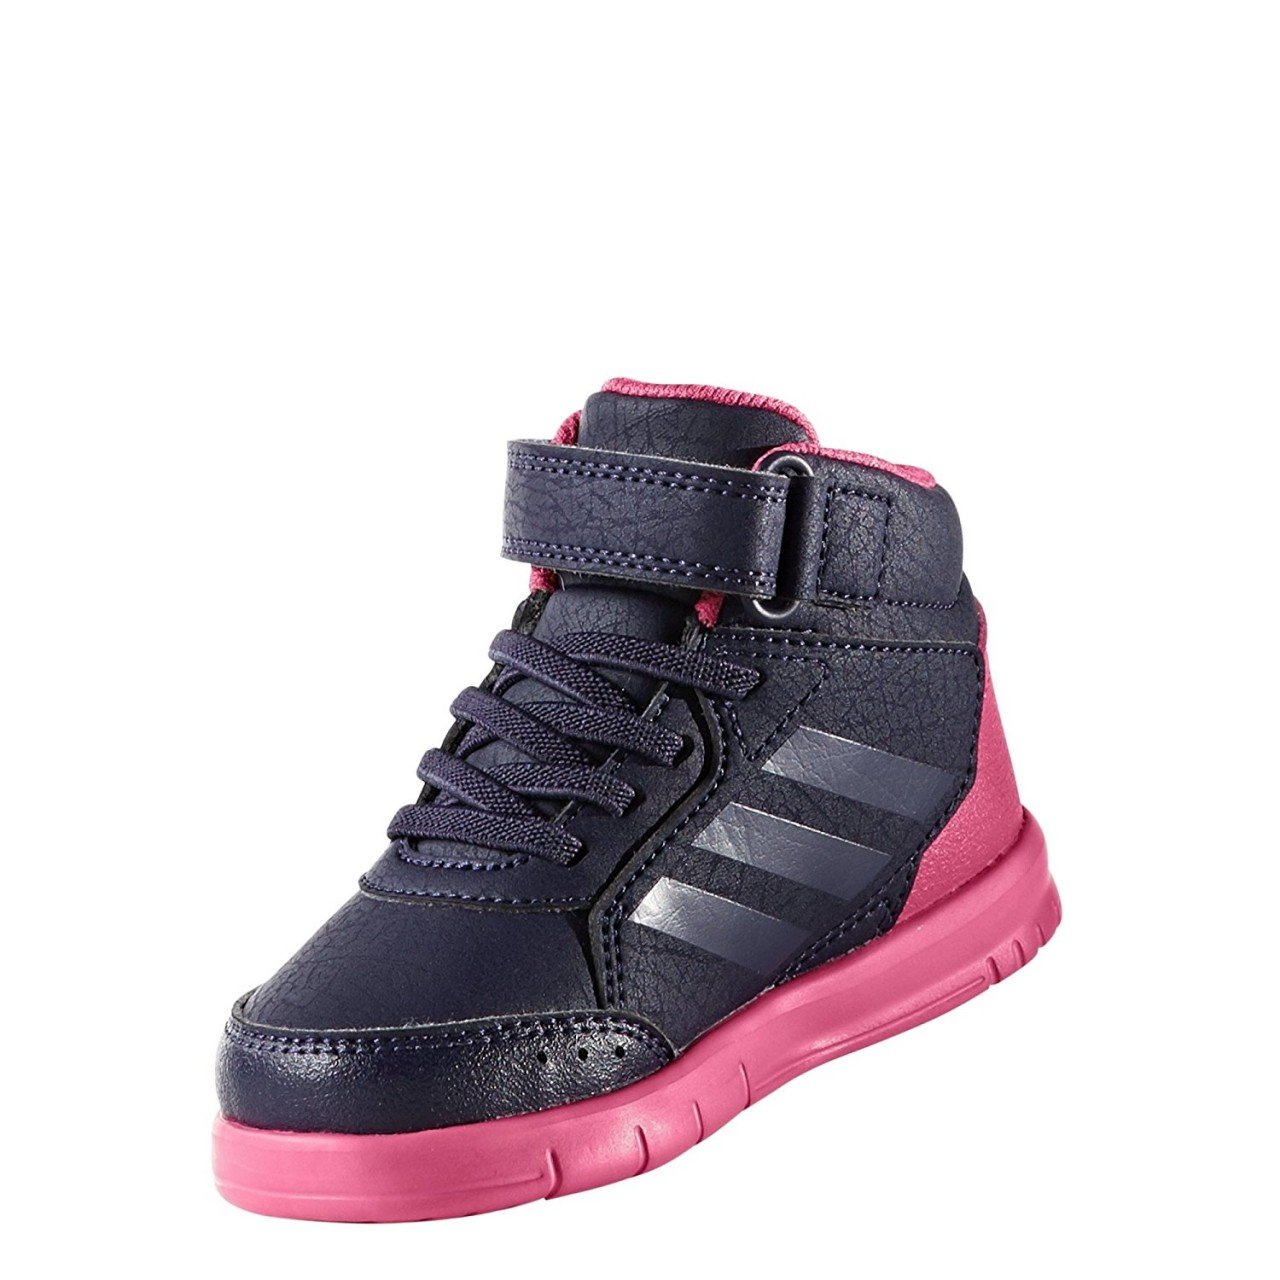 Amazon.com | adidas - AltaSport Mid EL I - CG3338 | Shoes